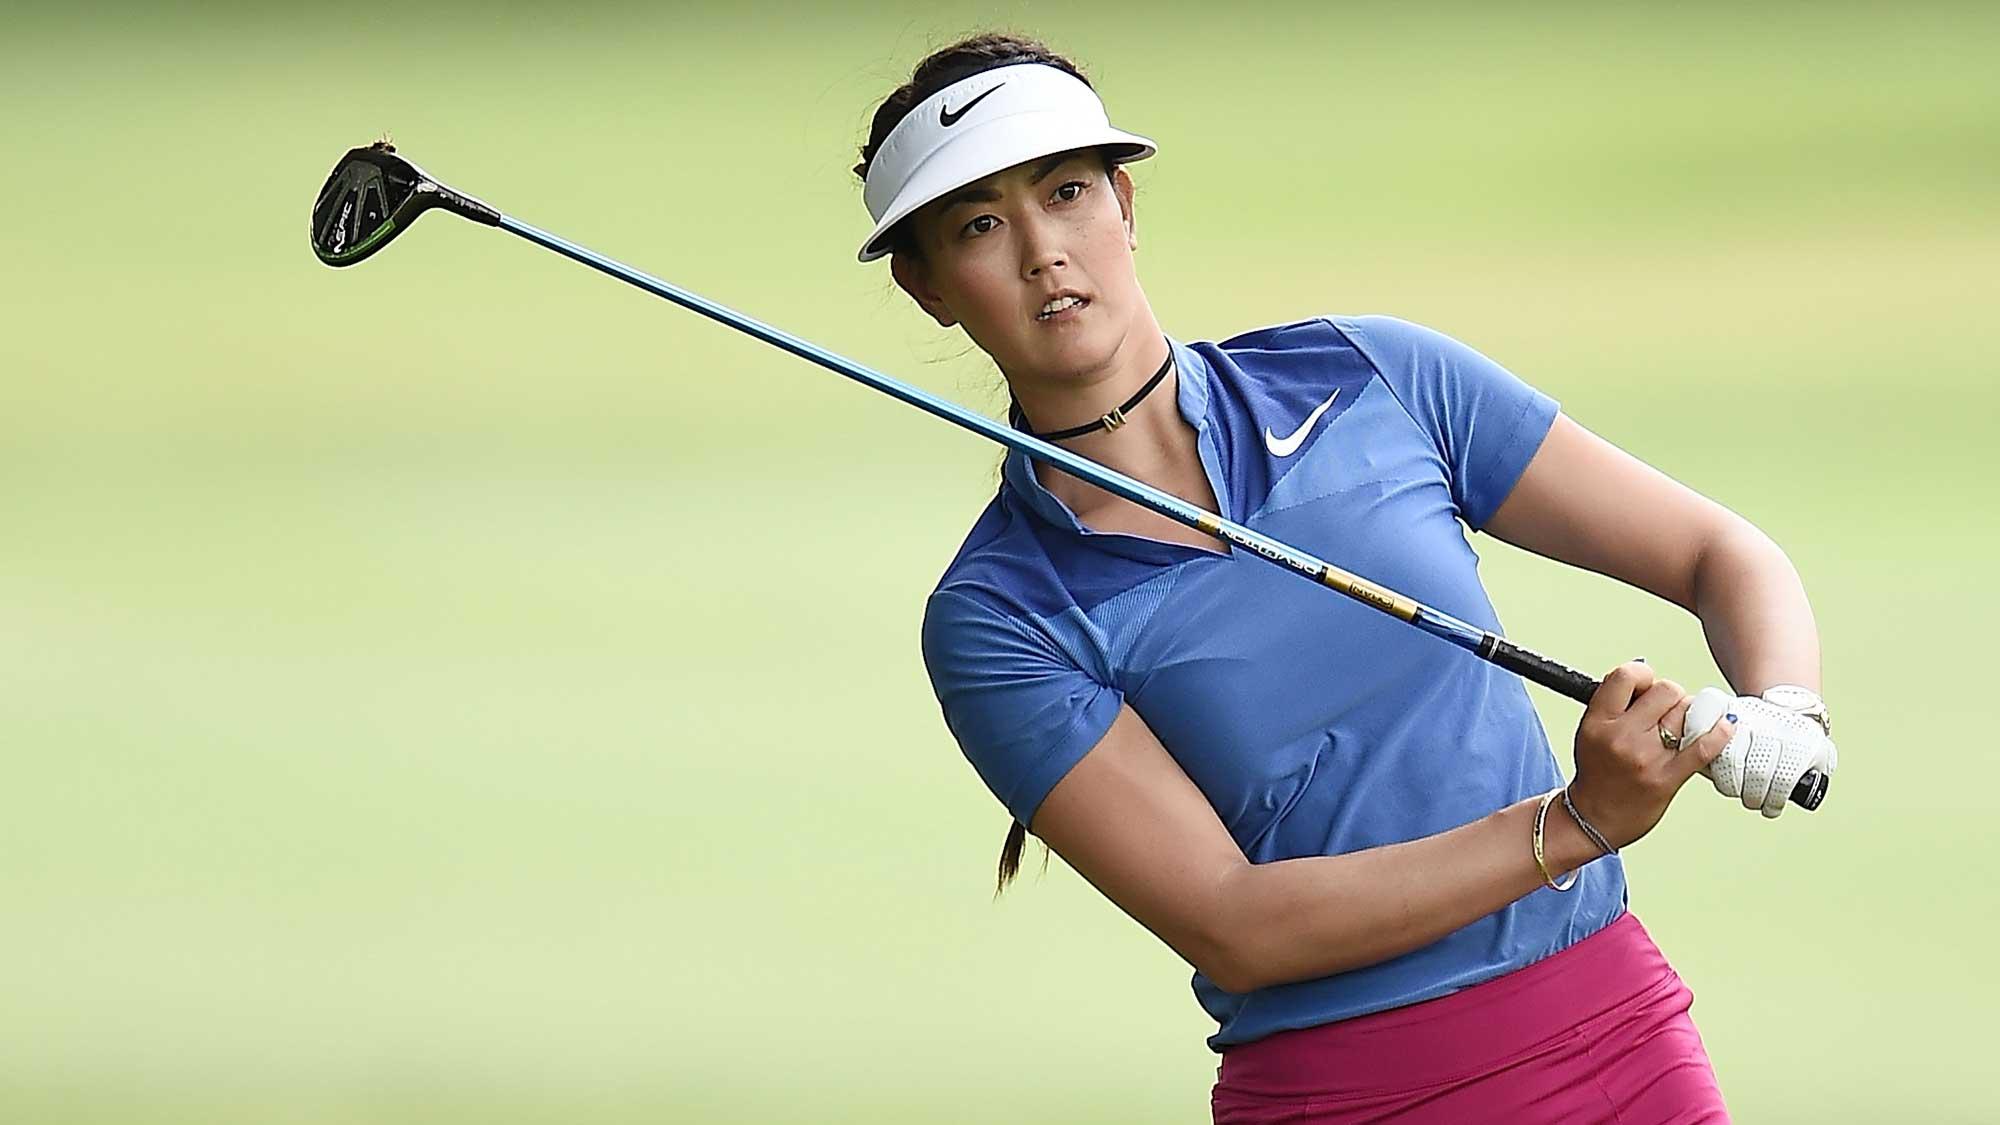 Michelle Wie 1 LPGA major Michelle Wie 1 LPGA major new pics